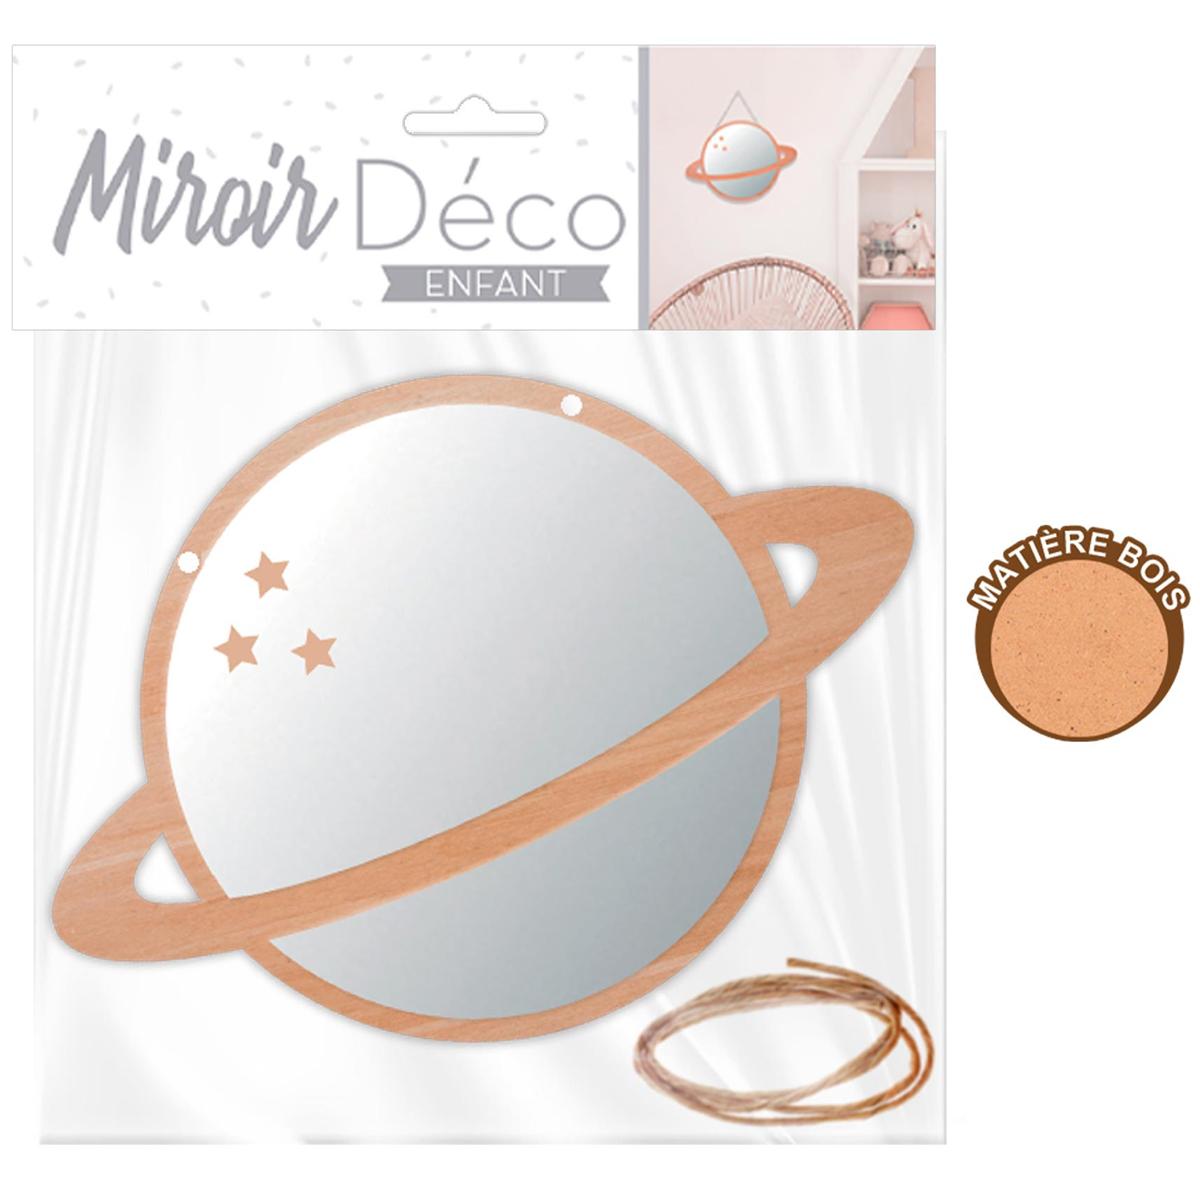 Petit miroir déco bois \'Planète\'  - 15 cm - [A0726]